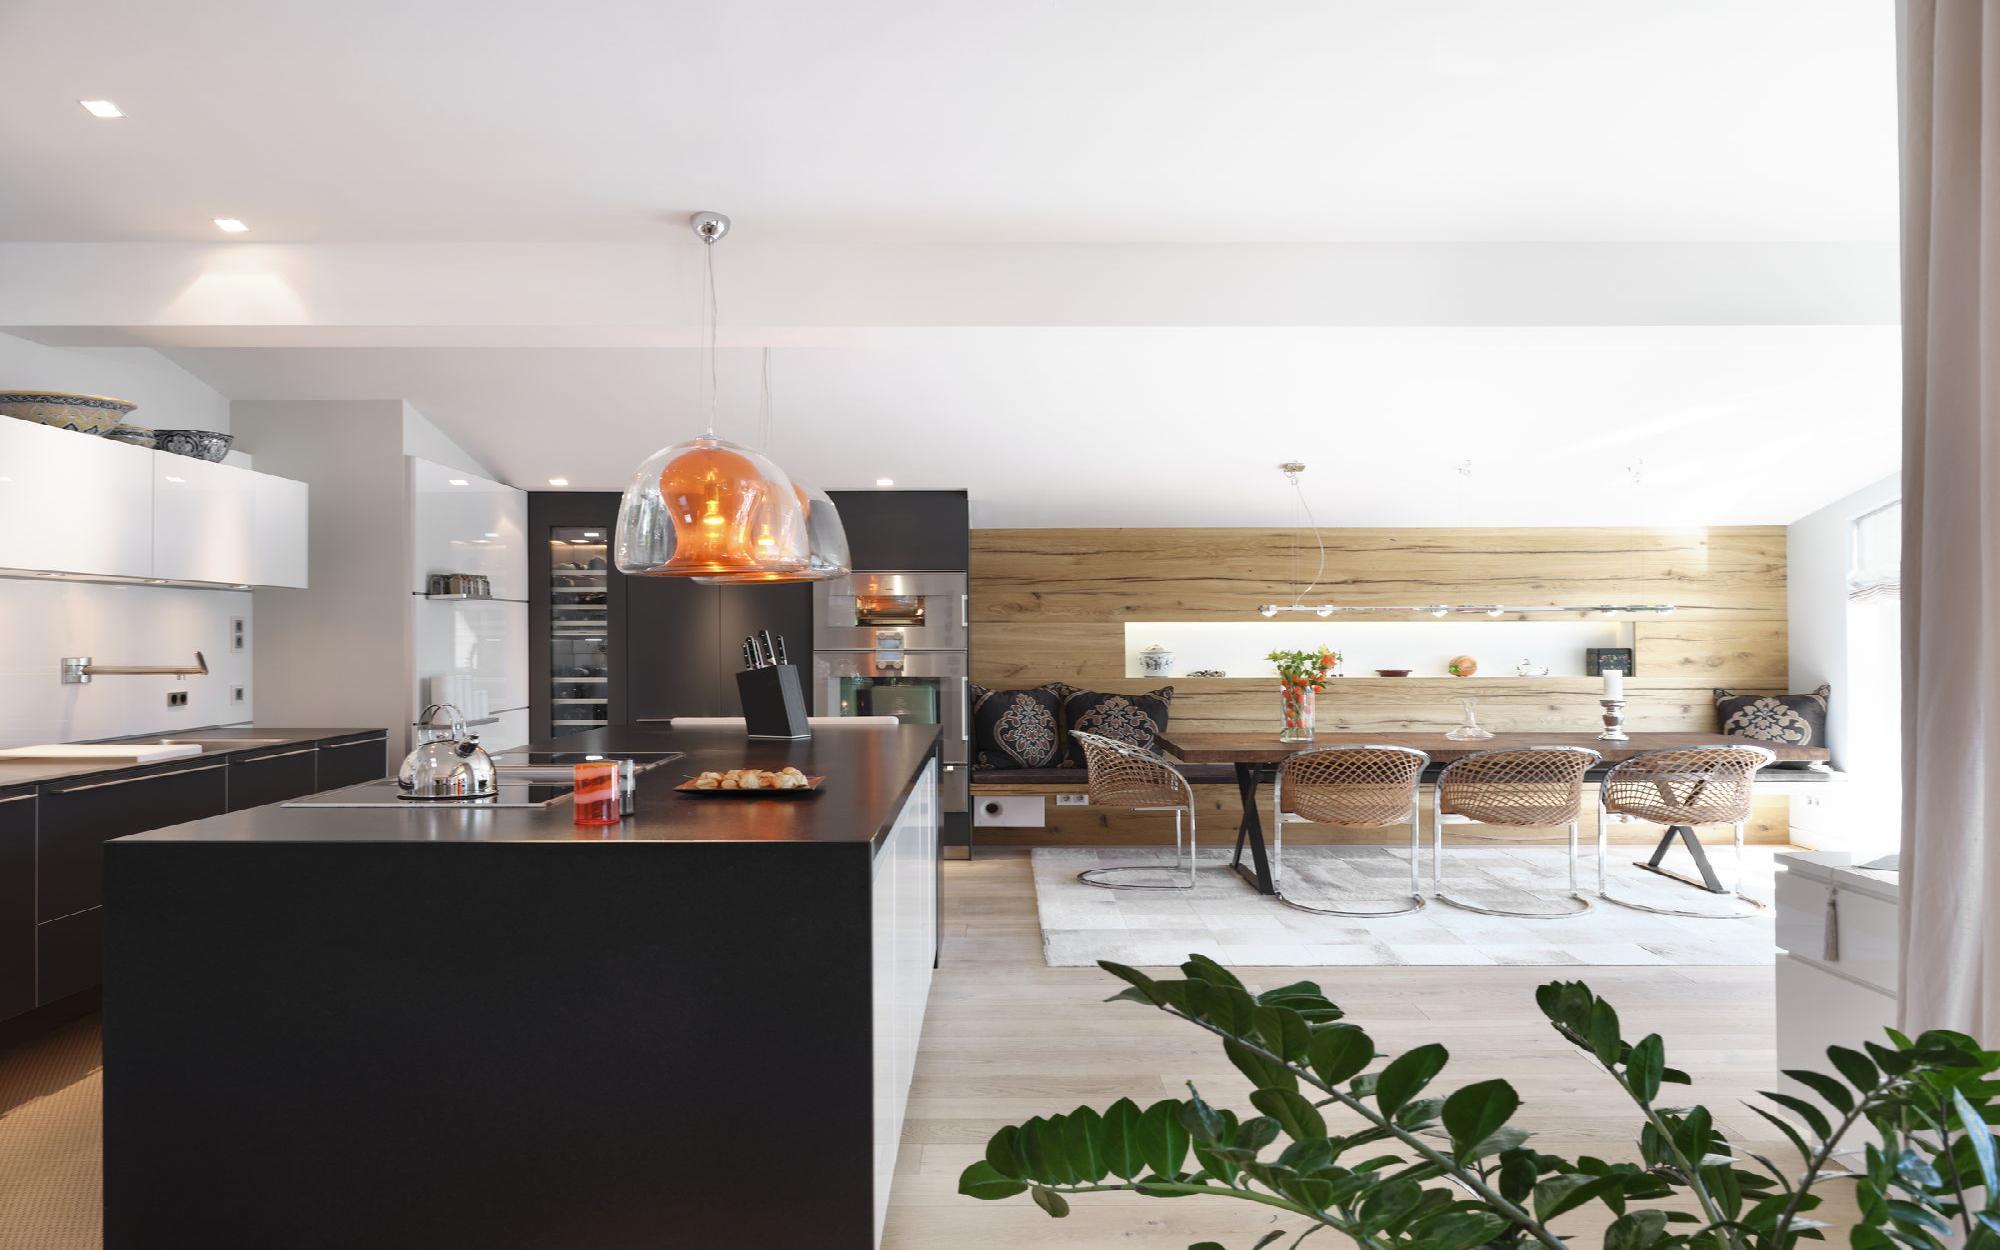 Впечатляющая жилая недвижимость в Аурахе у Китцбюэля на продажу, Аурах-бай-Кицбюэль